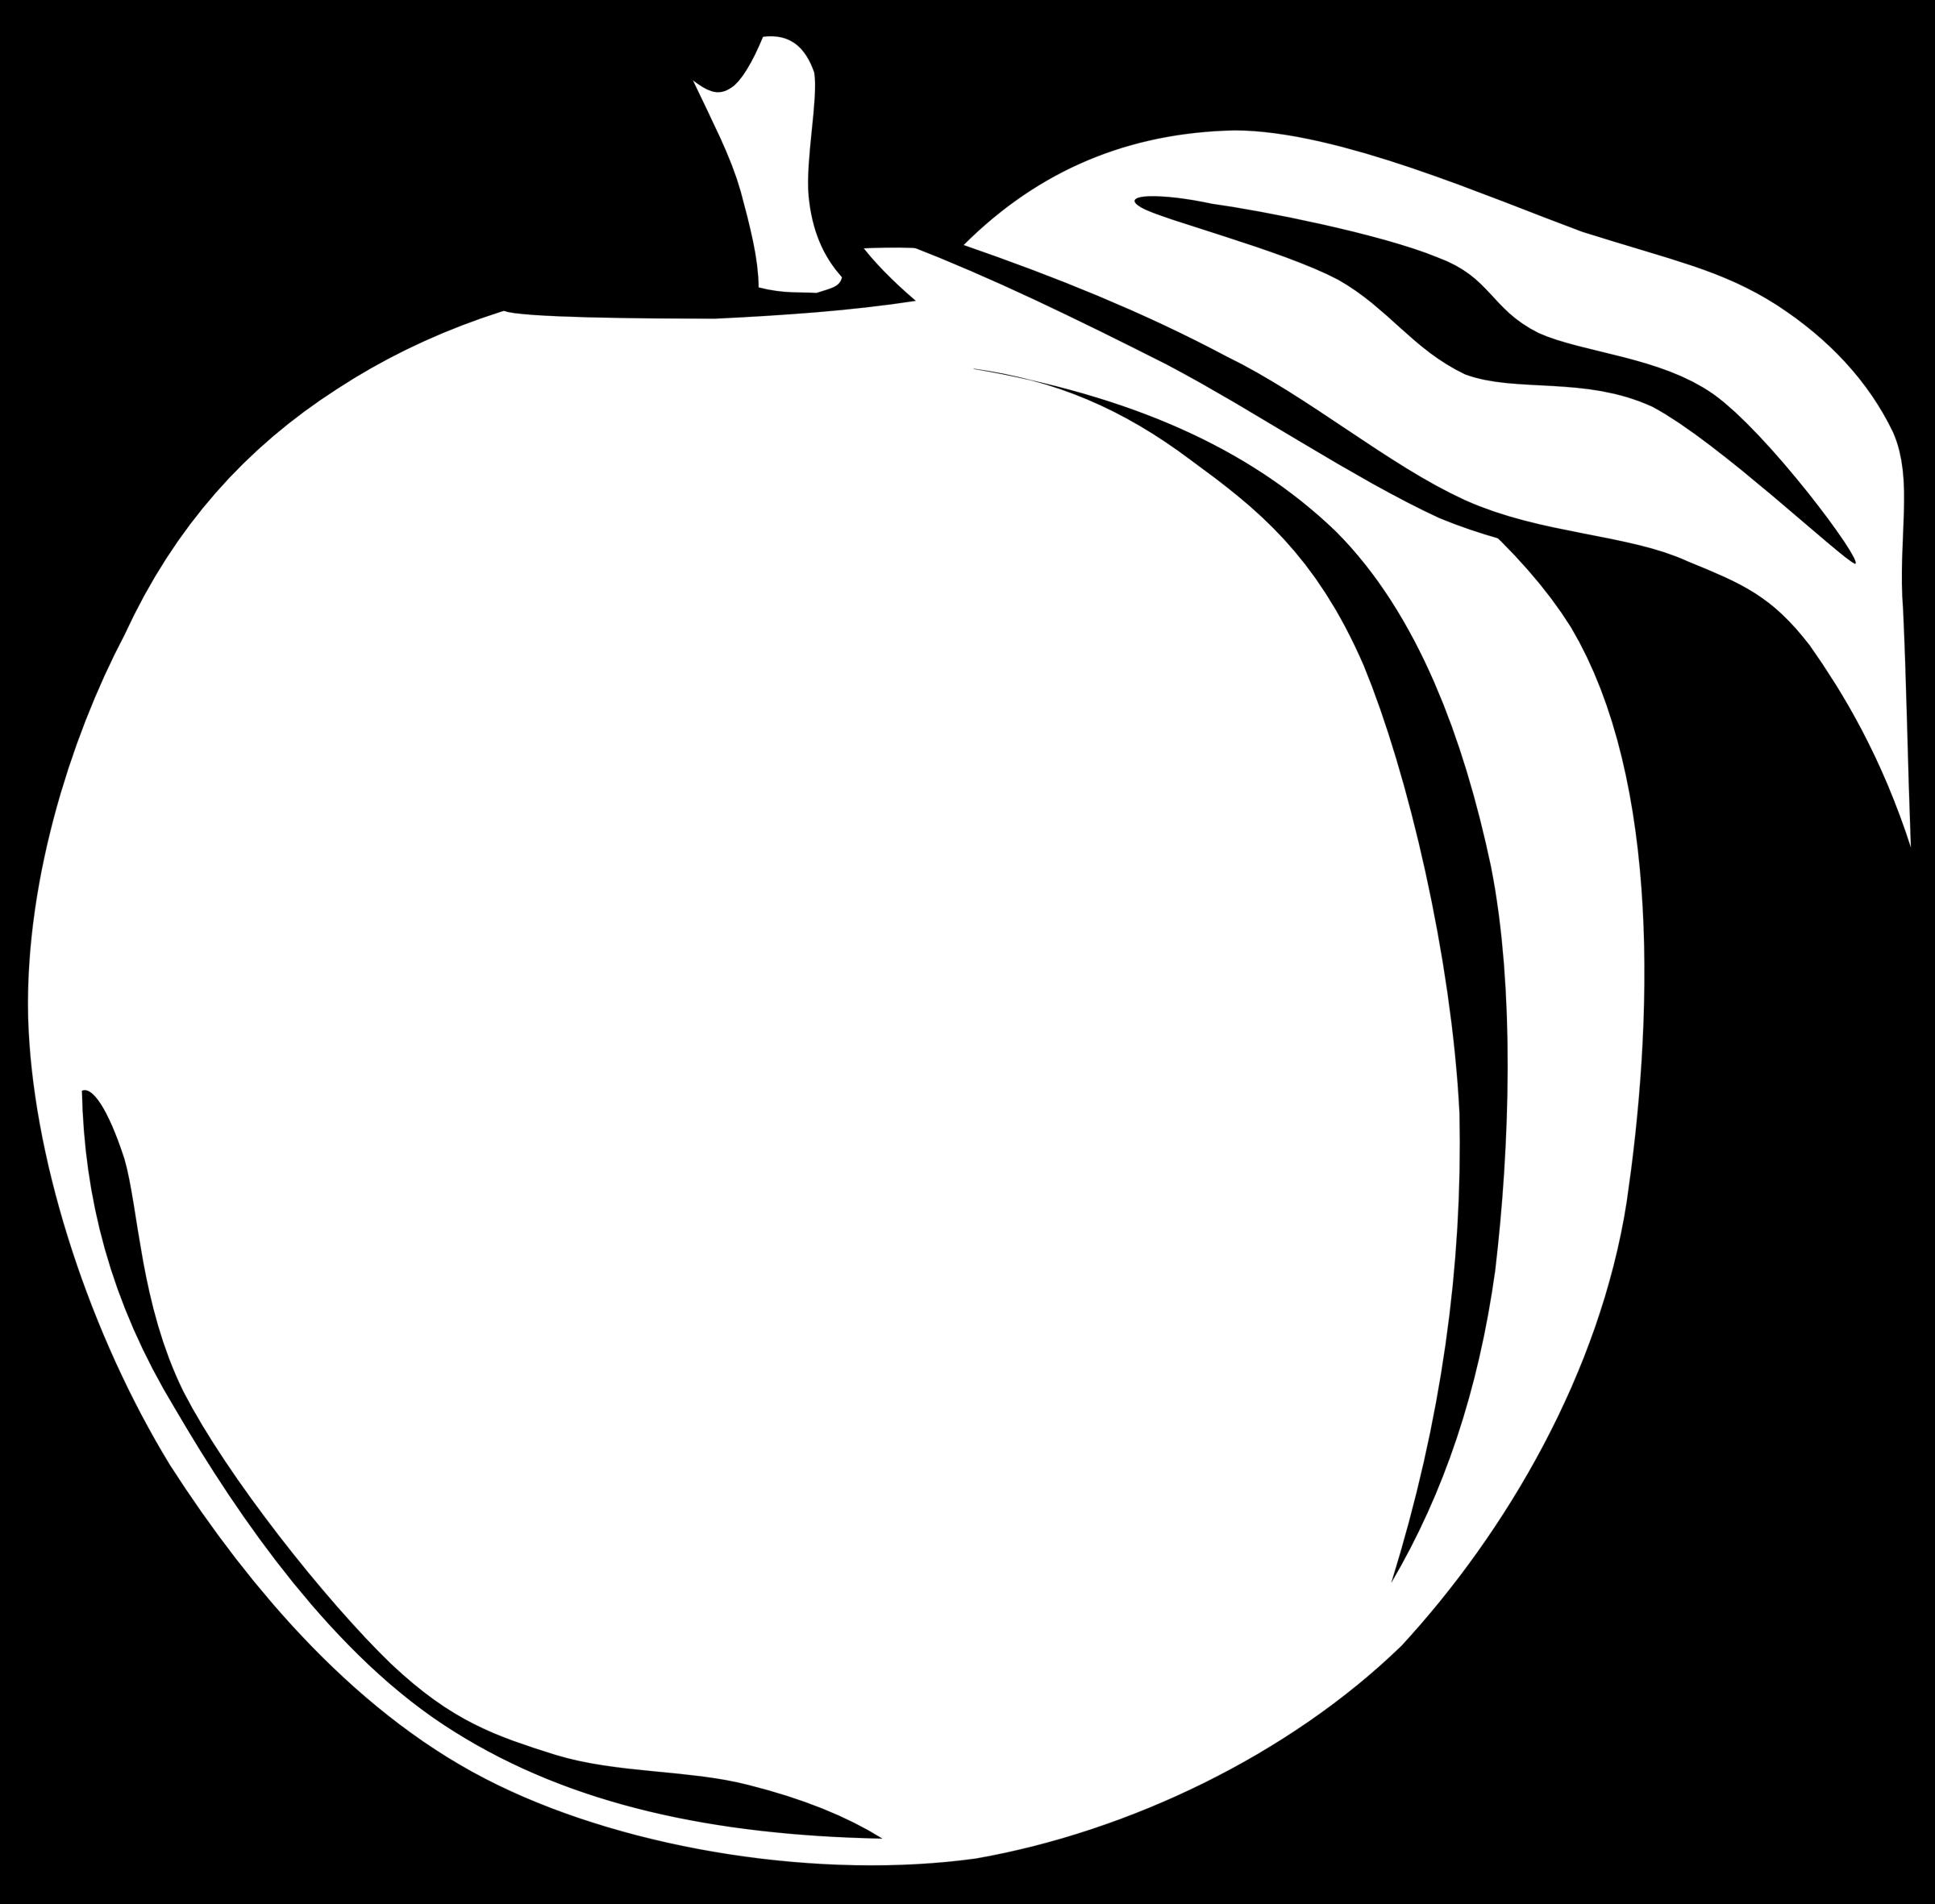 Fruit ff menu big. Queen clipart simple